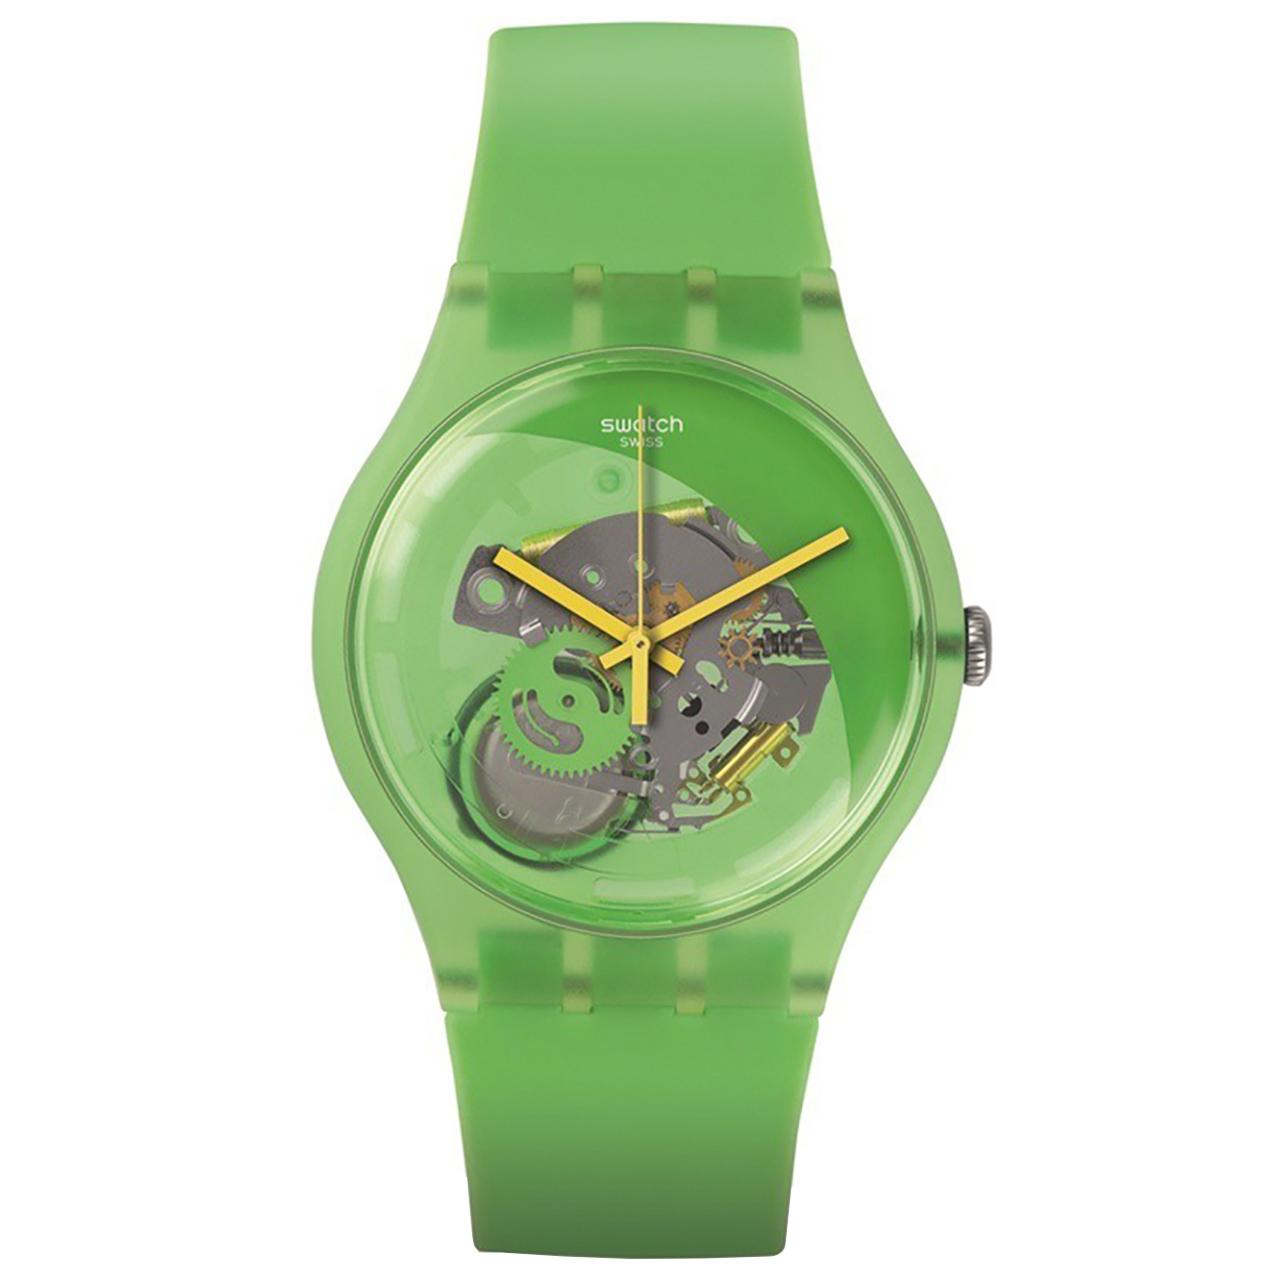 ساعت مچی عقربه ای سواچ مدل SUOG110